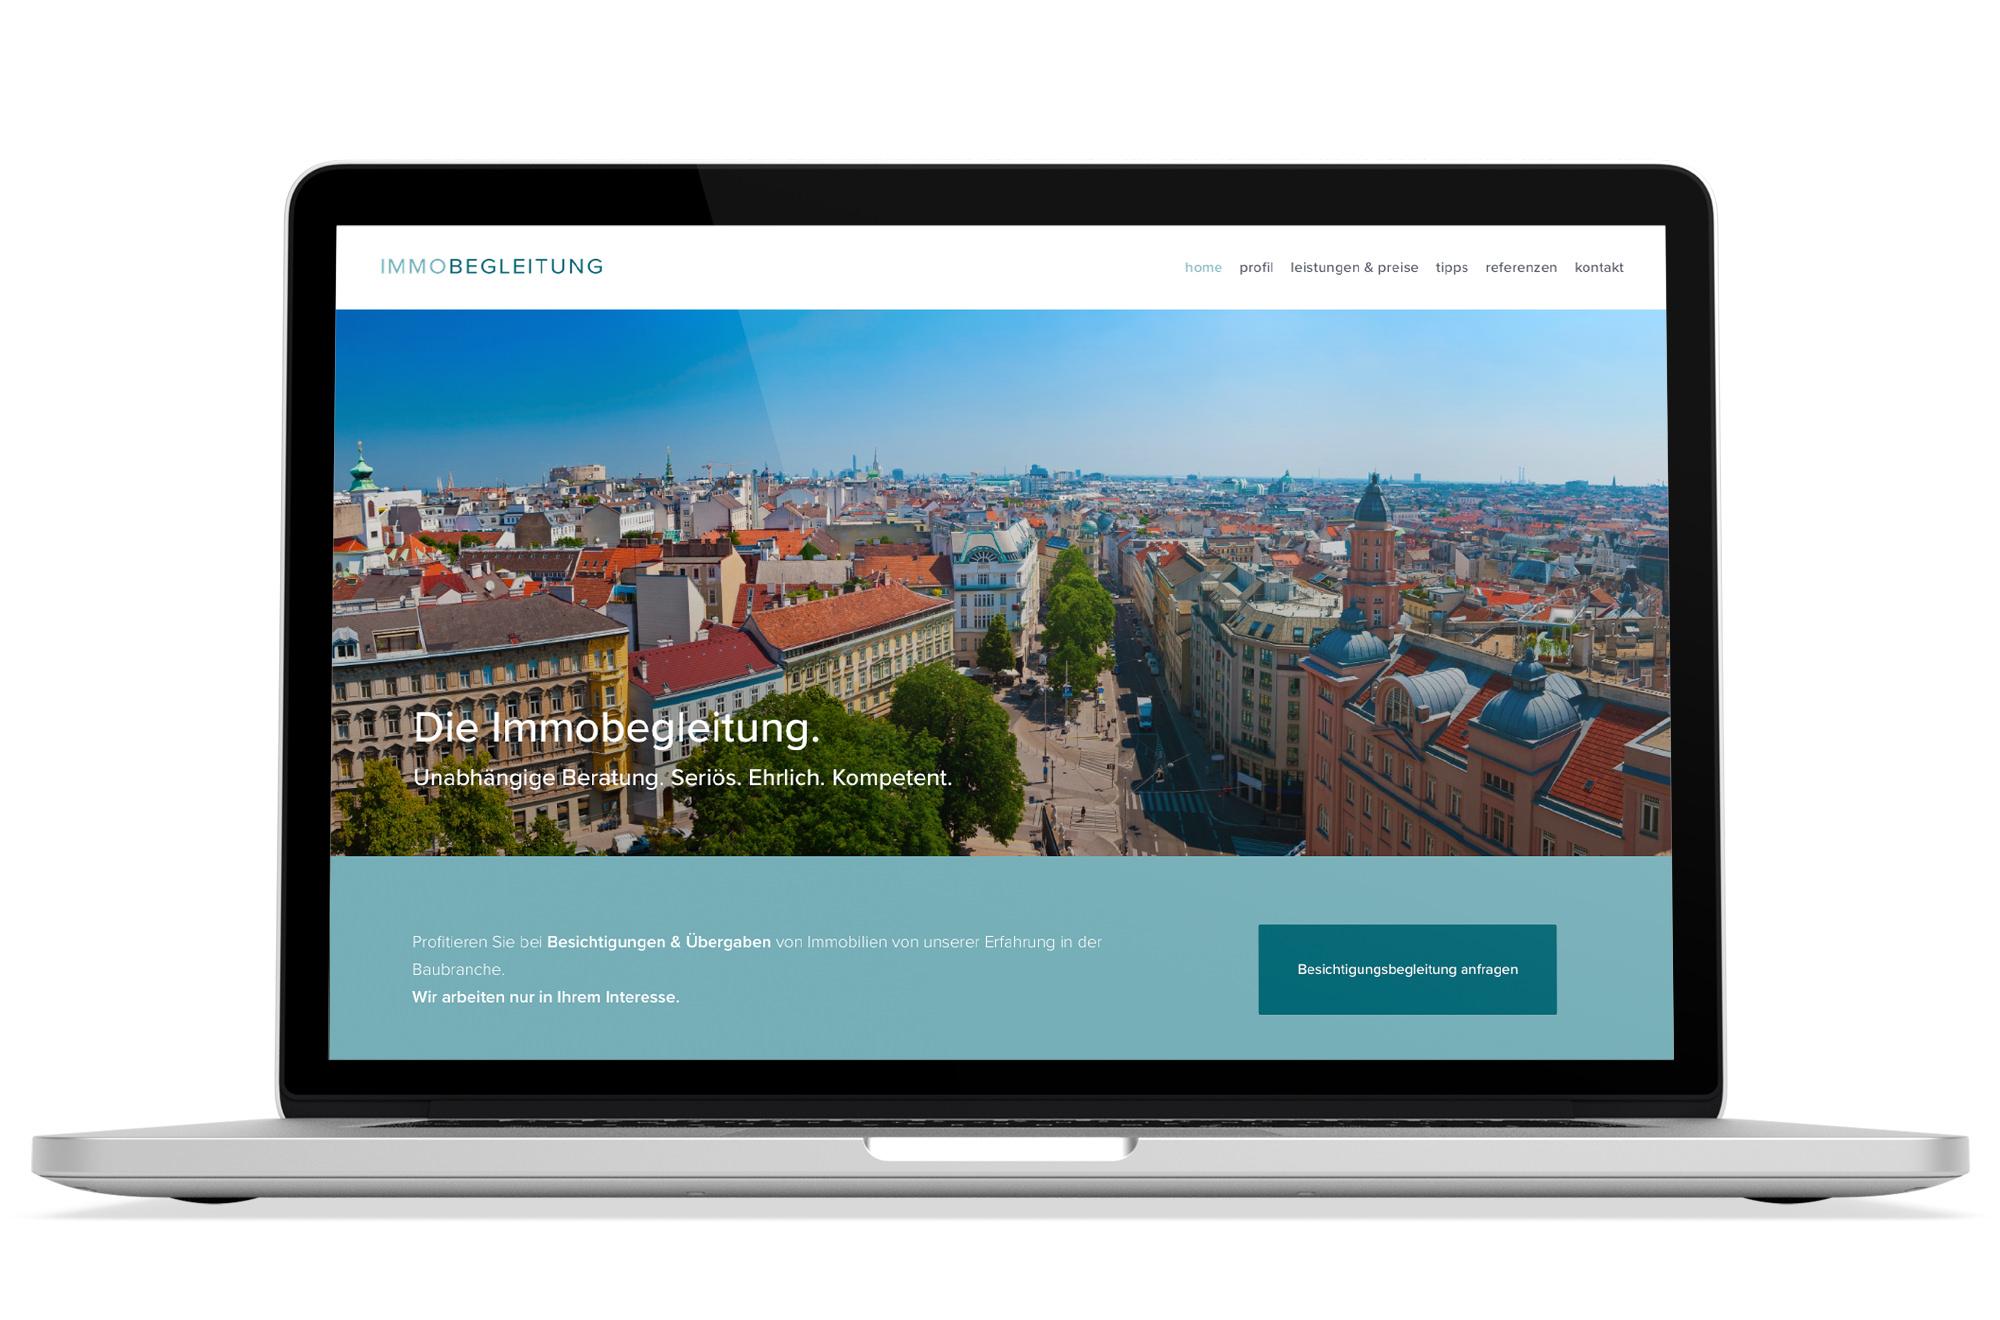 Webdesign Beispiel: Logodesign, Responsive Webdesign für Immobilien